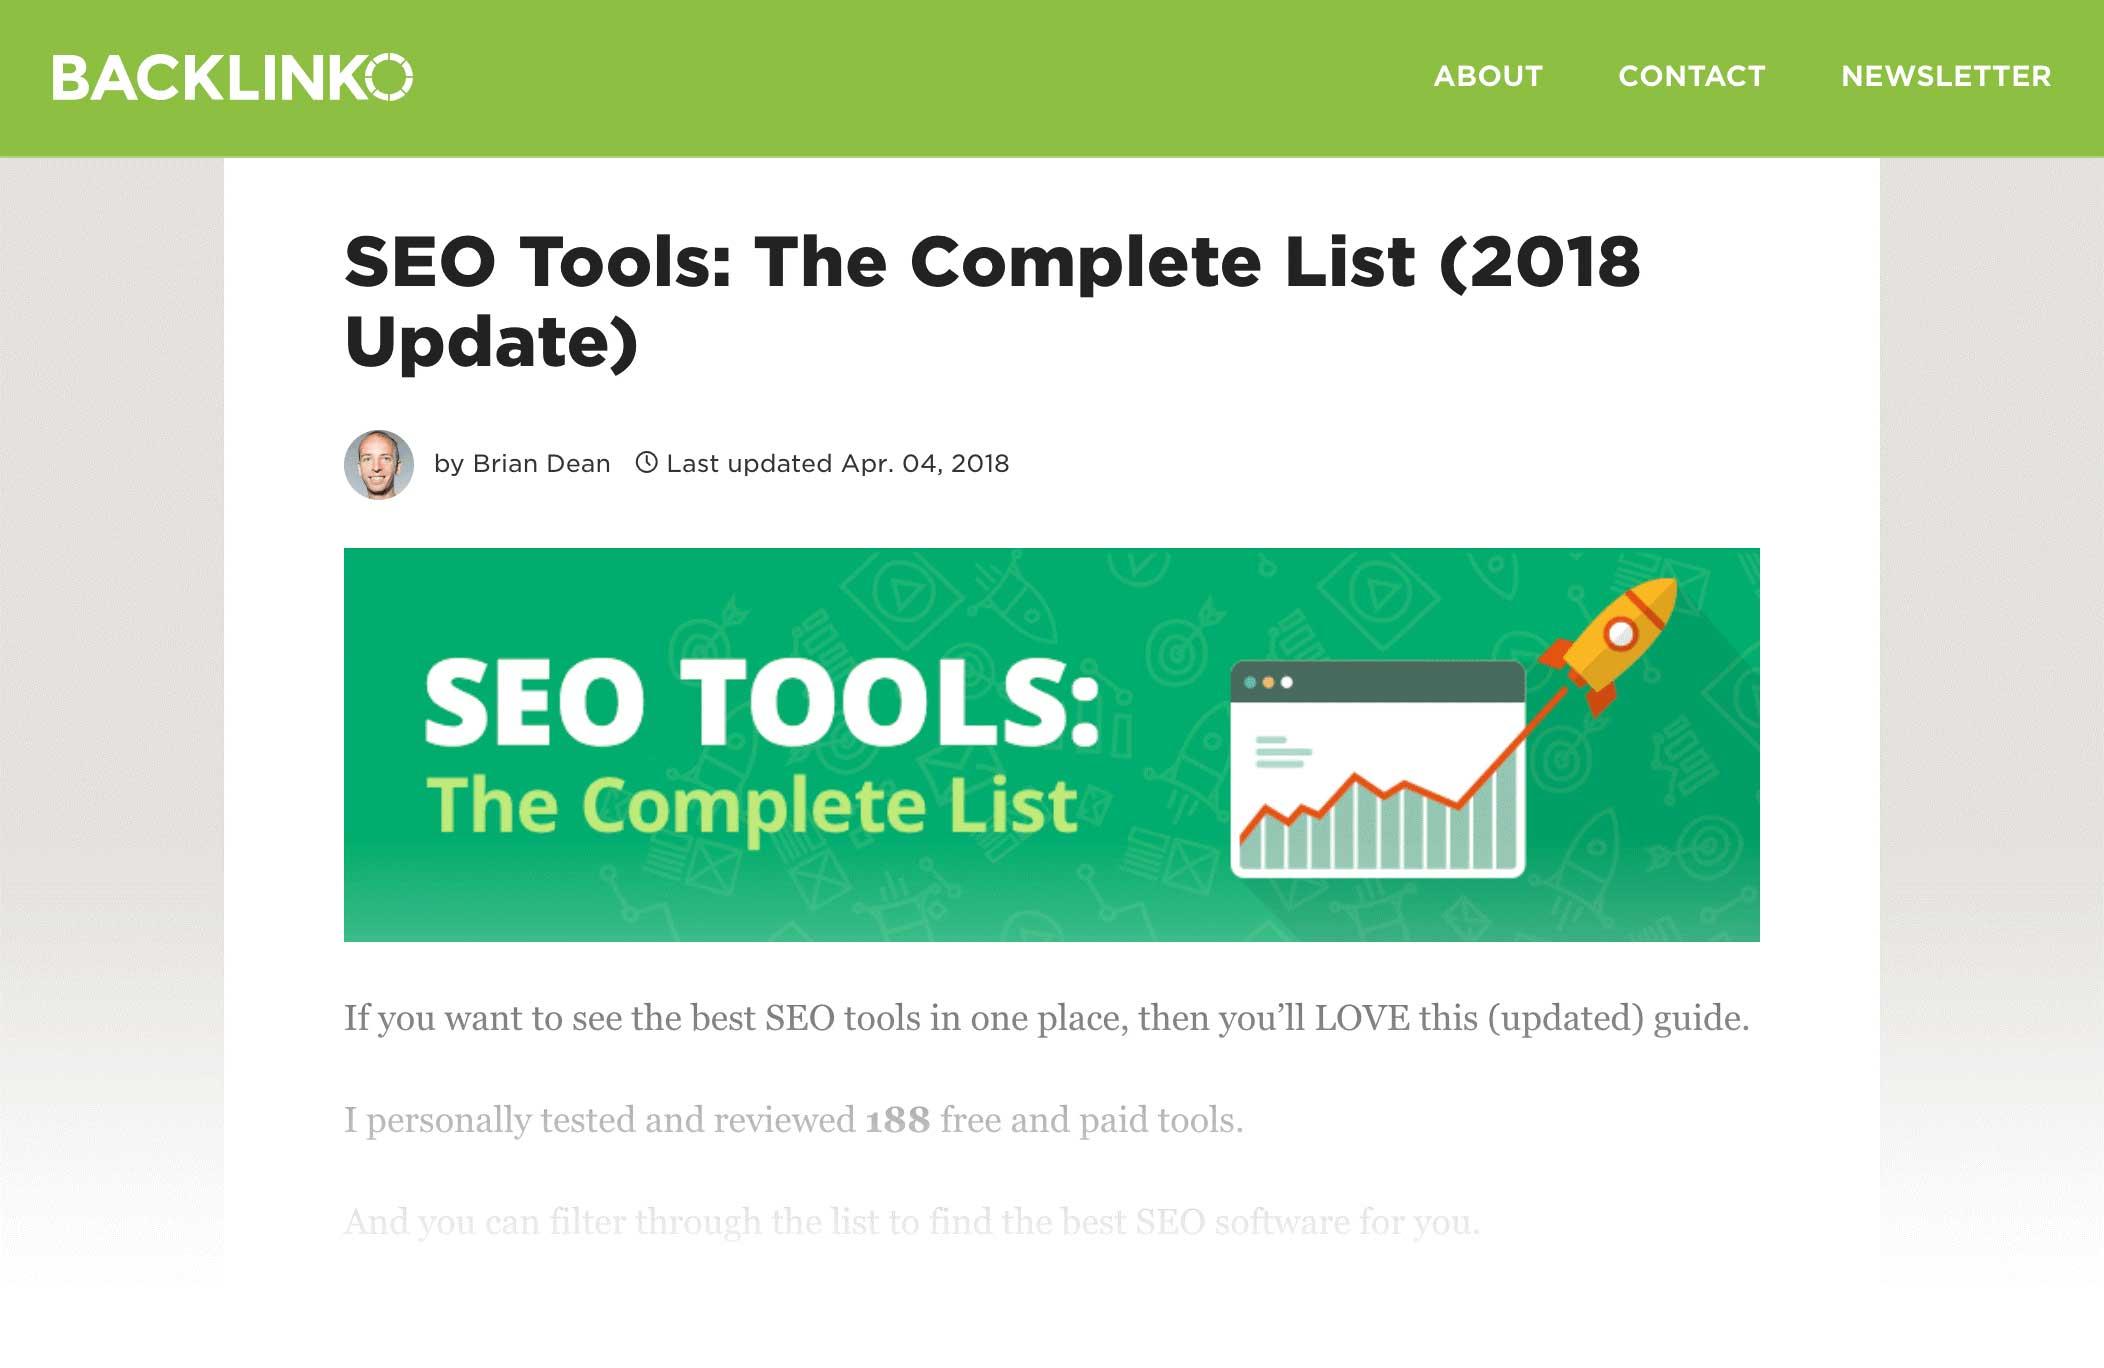 seo tools complete list